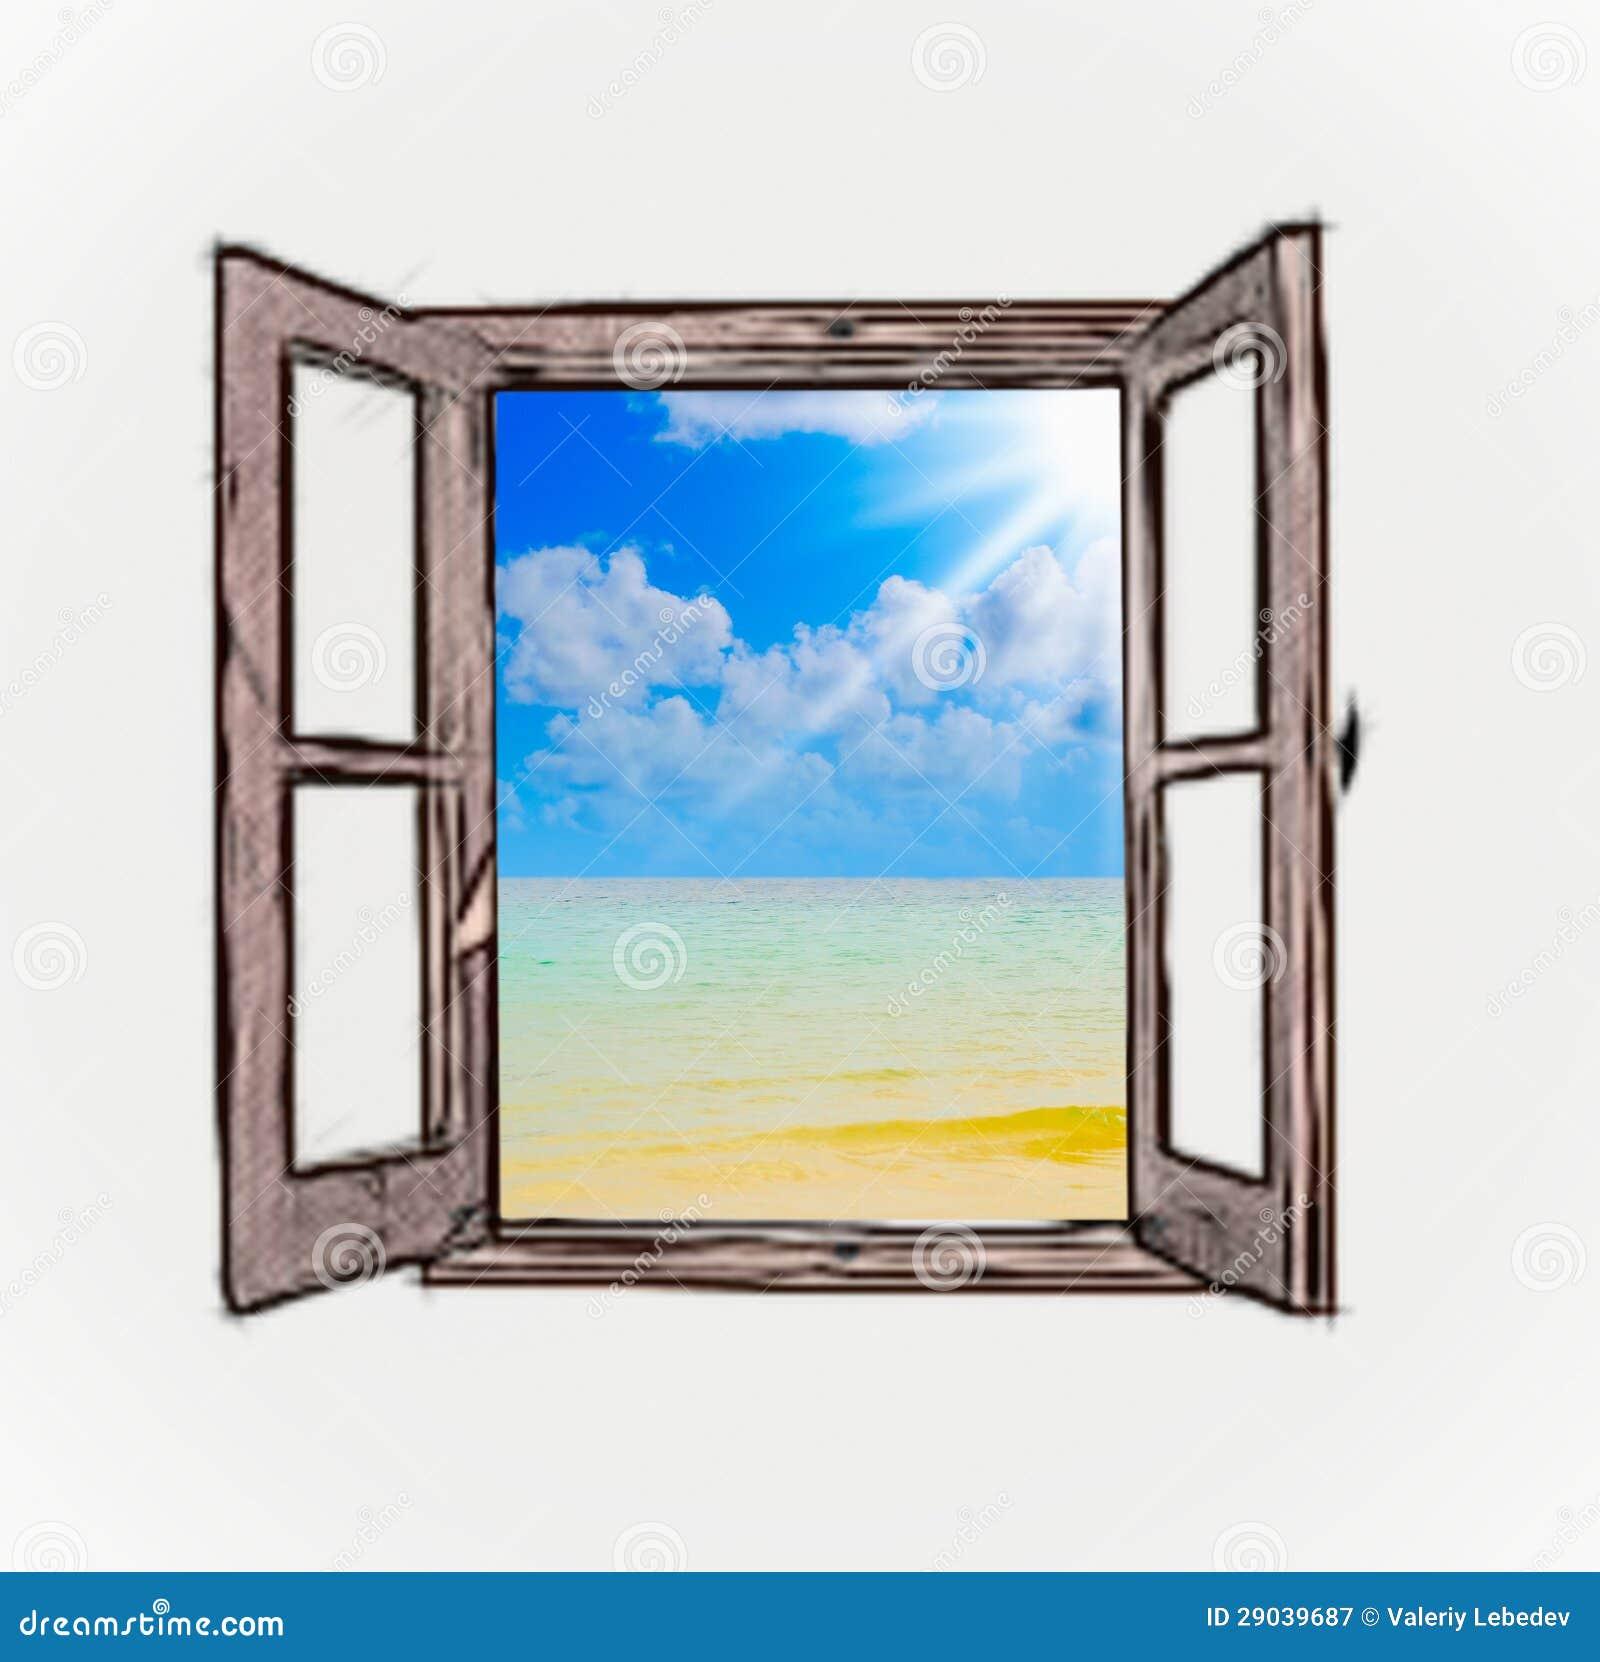 Seeansicht Durch Ein Offenes Fenster Stock Abbildung - Illustration: 29039687